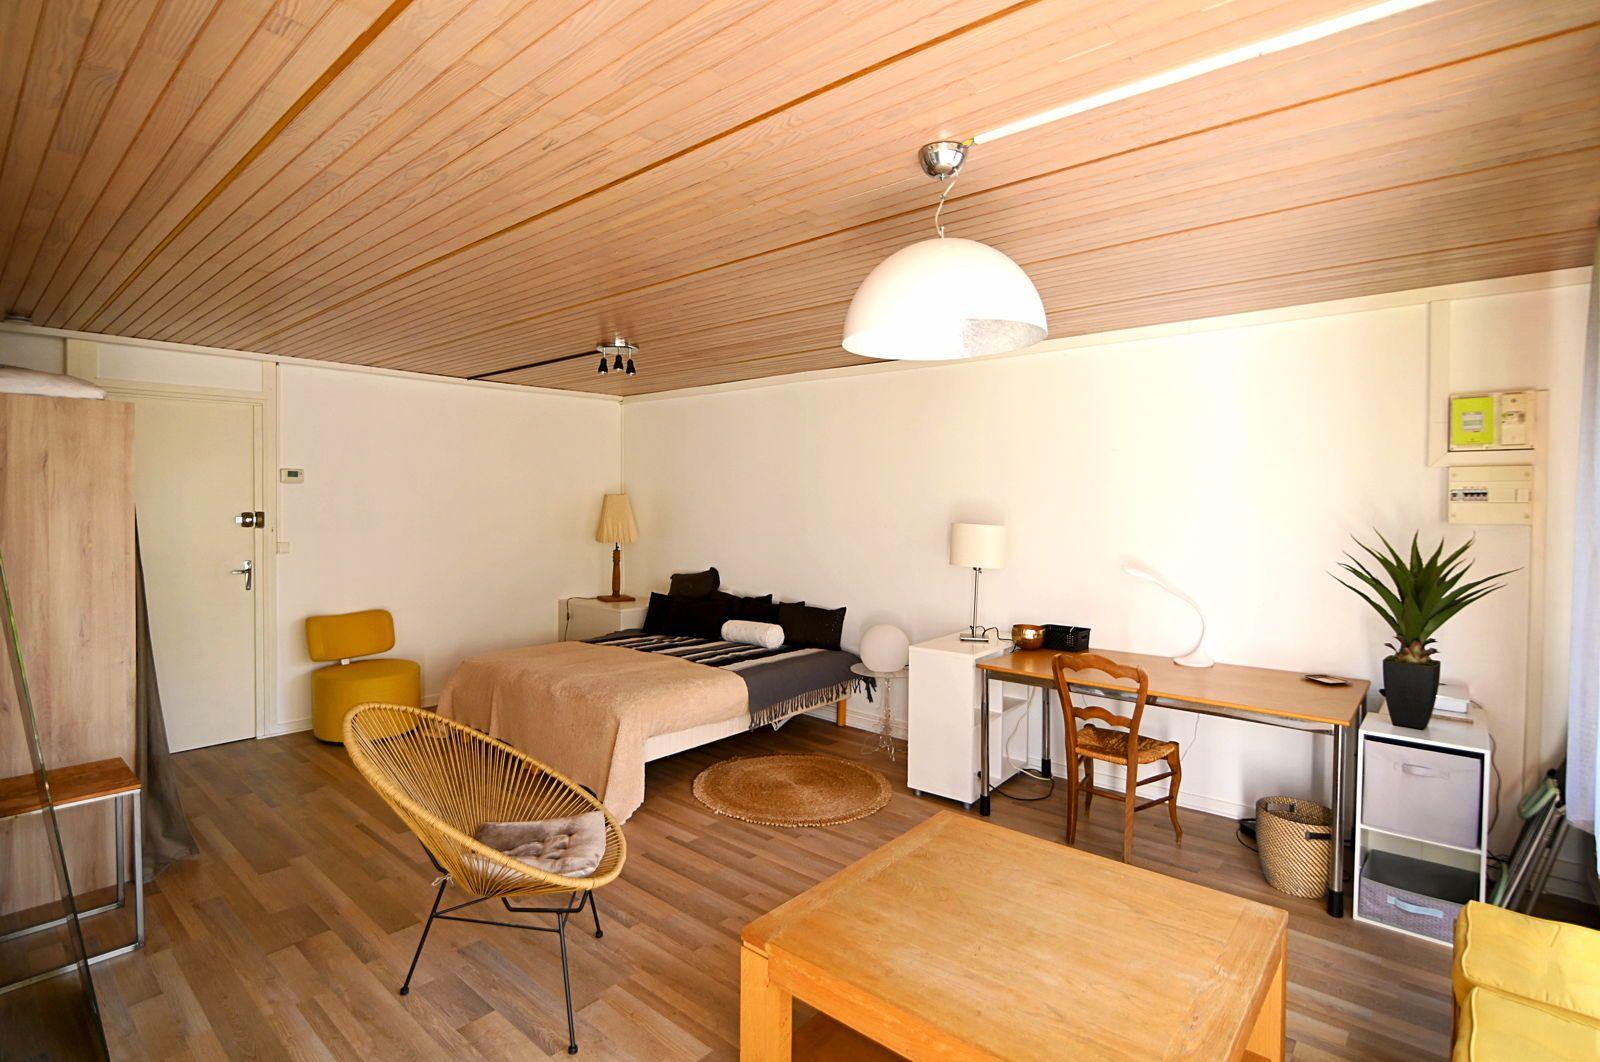 Location studio meublé pour étudiant